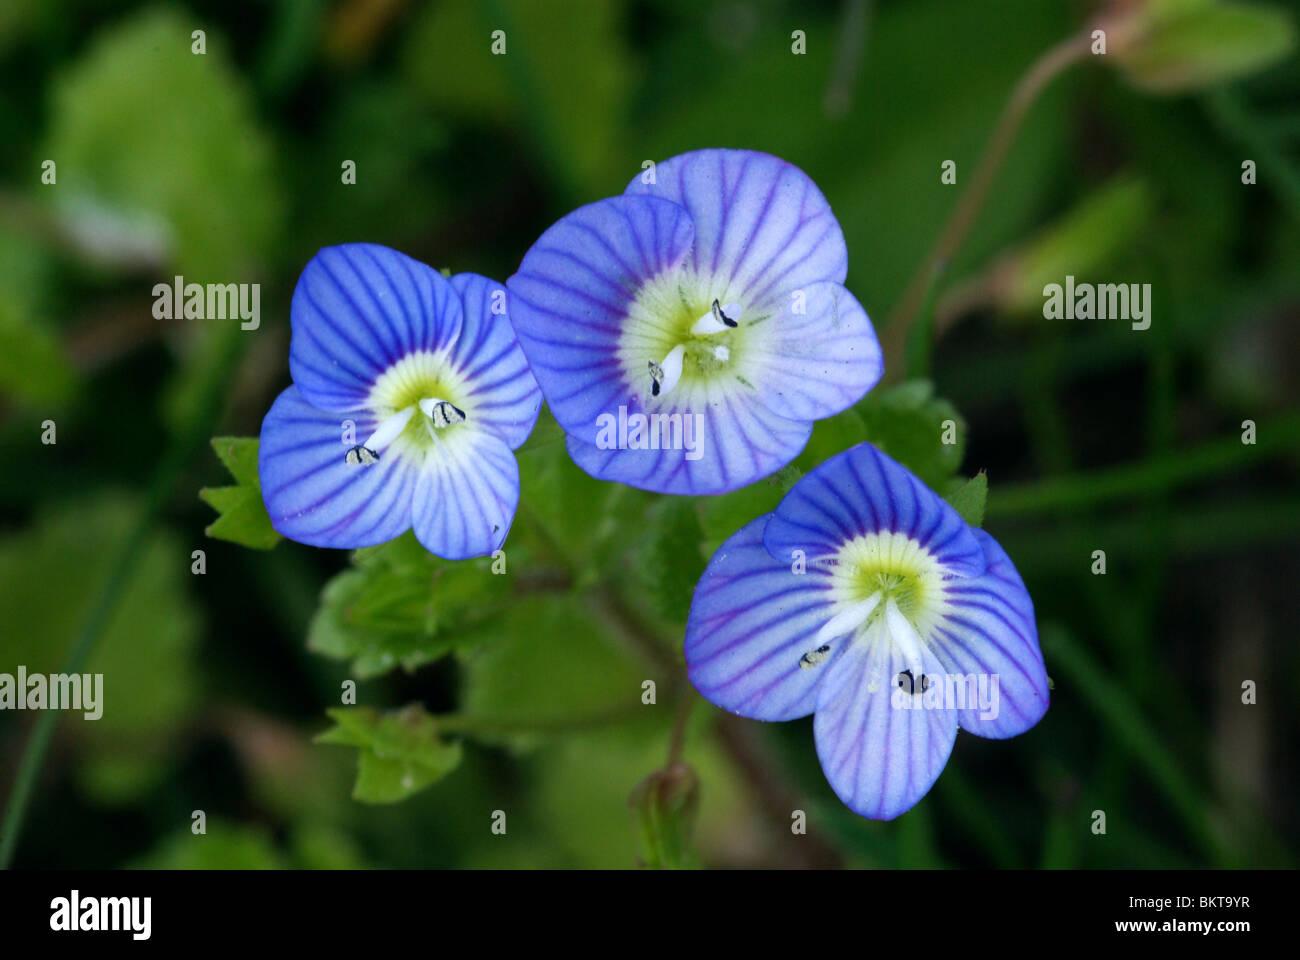 makro opnamen van hemelsblauwe bloempjes van grote ereprijs - Stock Image